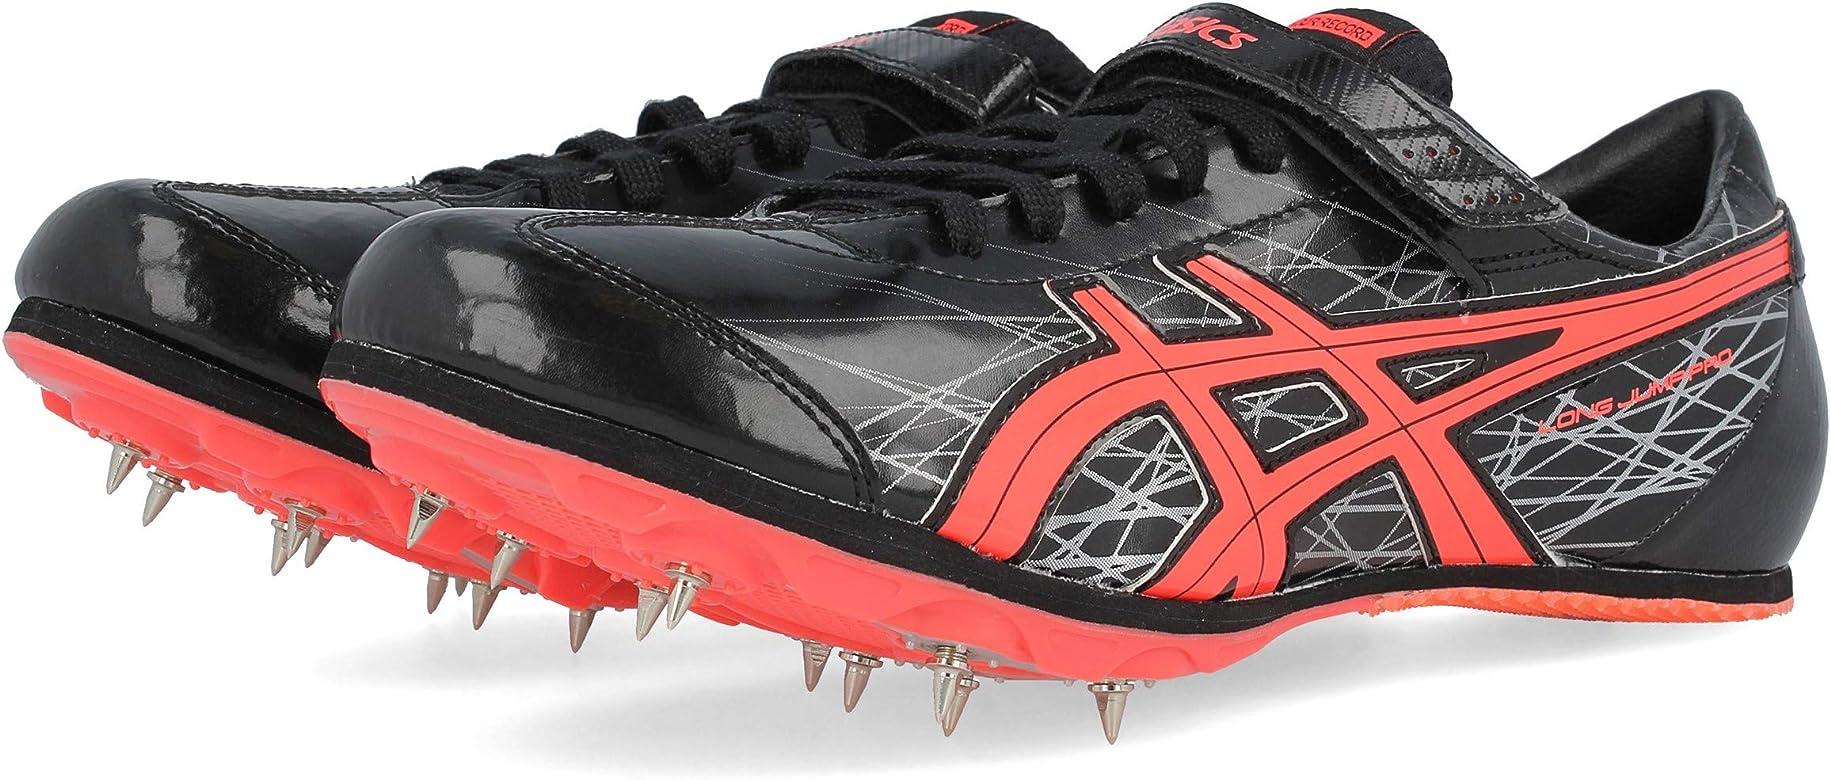 Asics Salto De Longitud Pro Zapatillas Correr De Clavos - 49: Amazon.es: Zapatos y complementos